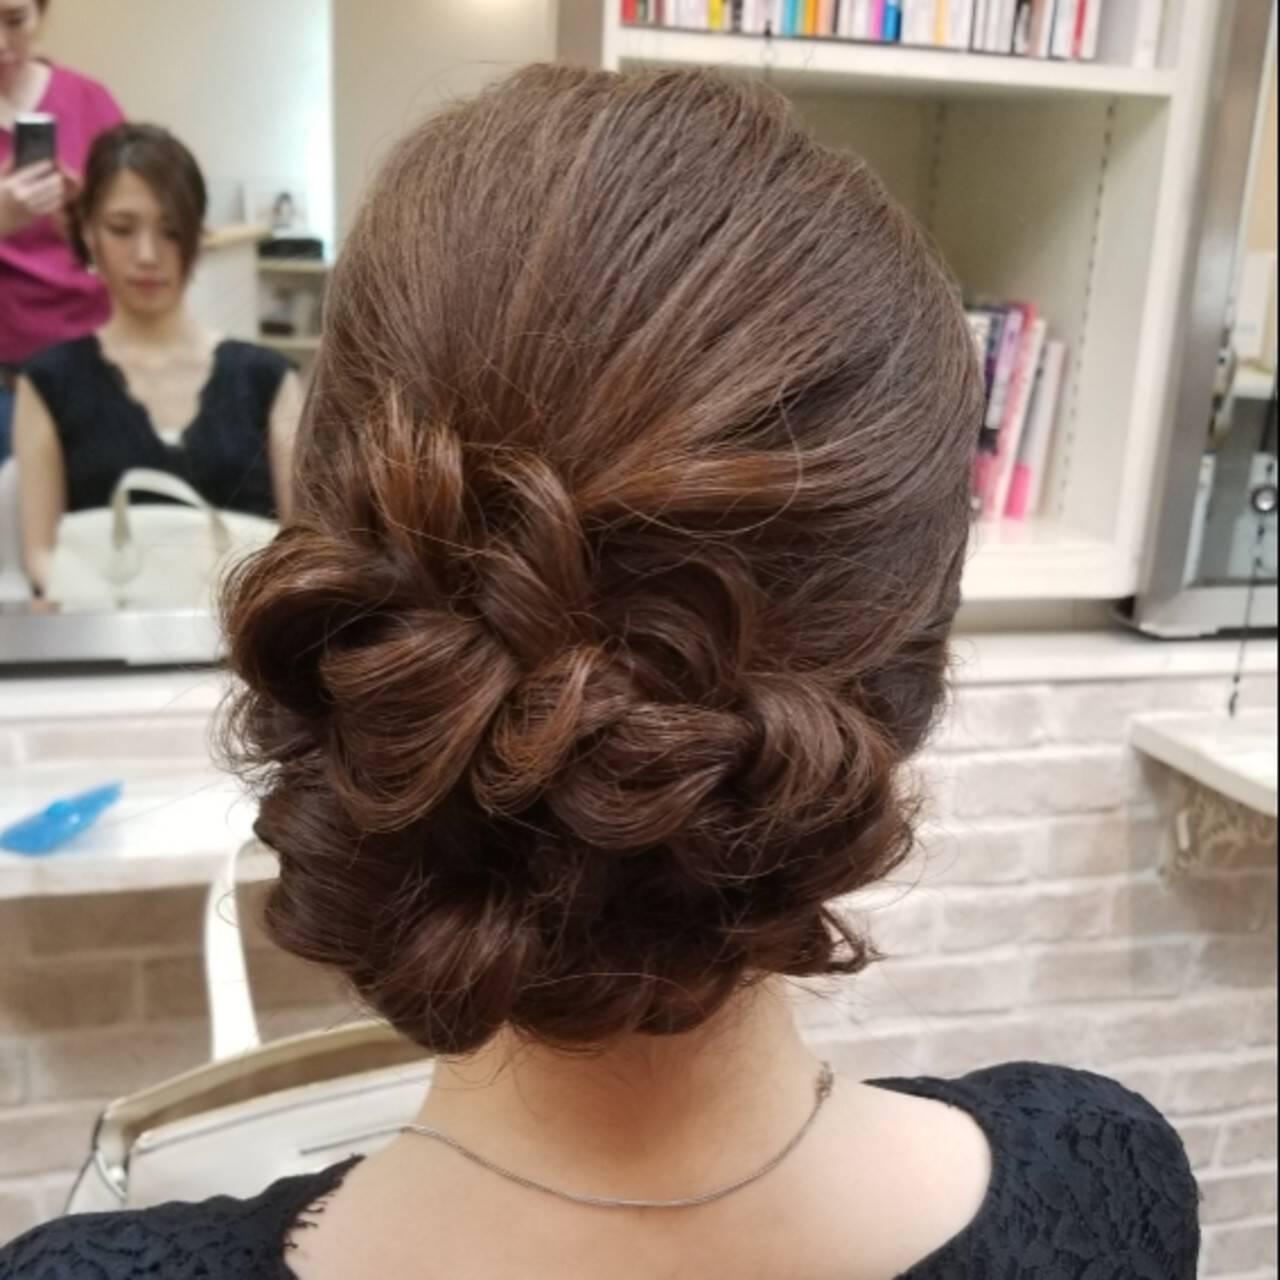 ヘアアレンジ ロング 上品 大人かわいいヘアスタイルや髪型の写真・画像